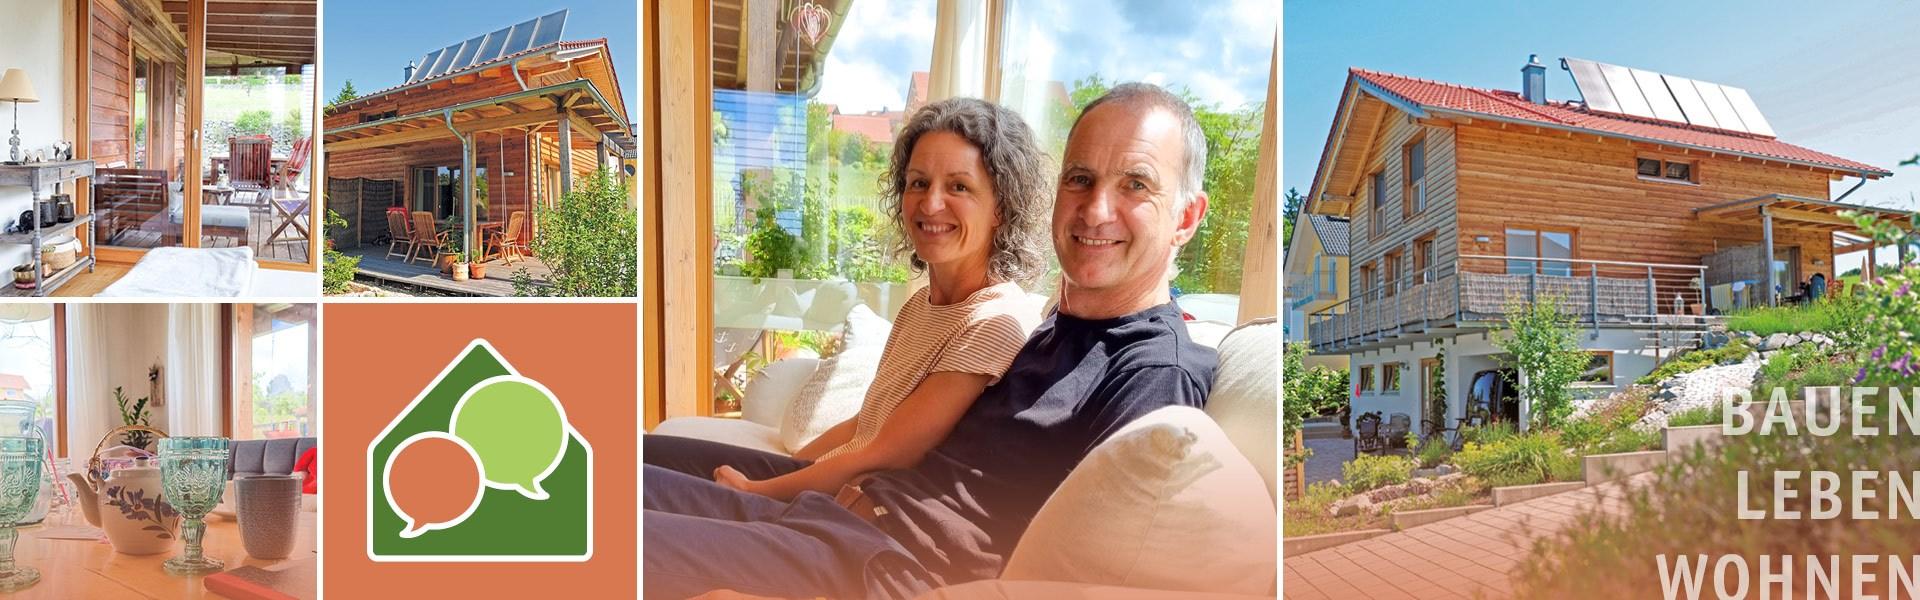 Foto-Collage von Bildern aus dem BaumHaus der Familie Meisinger und die Familie auf der Couch im gemütlichen Wohnzimmer.